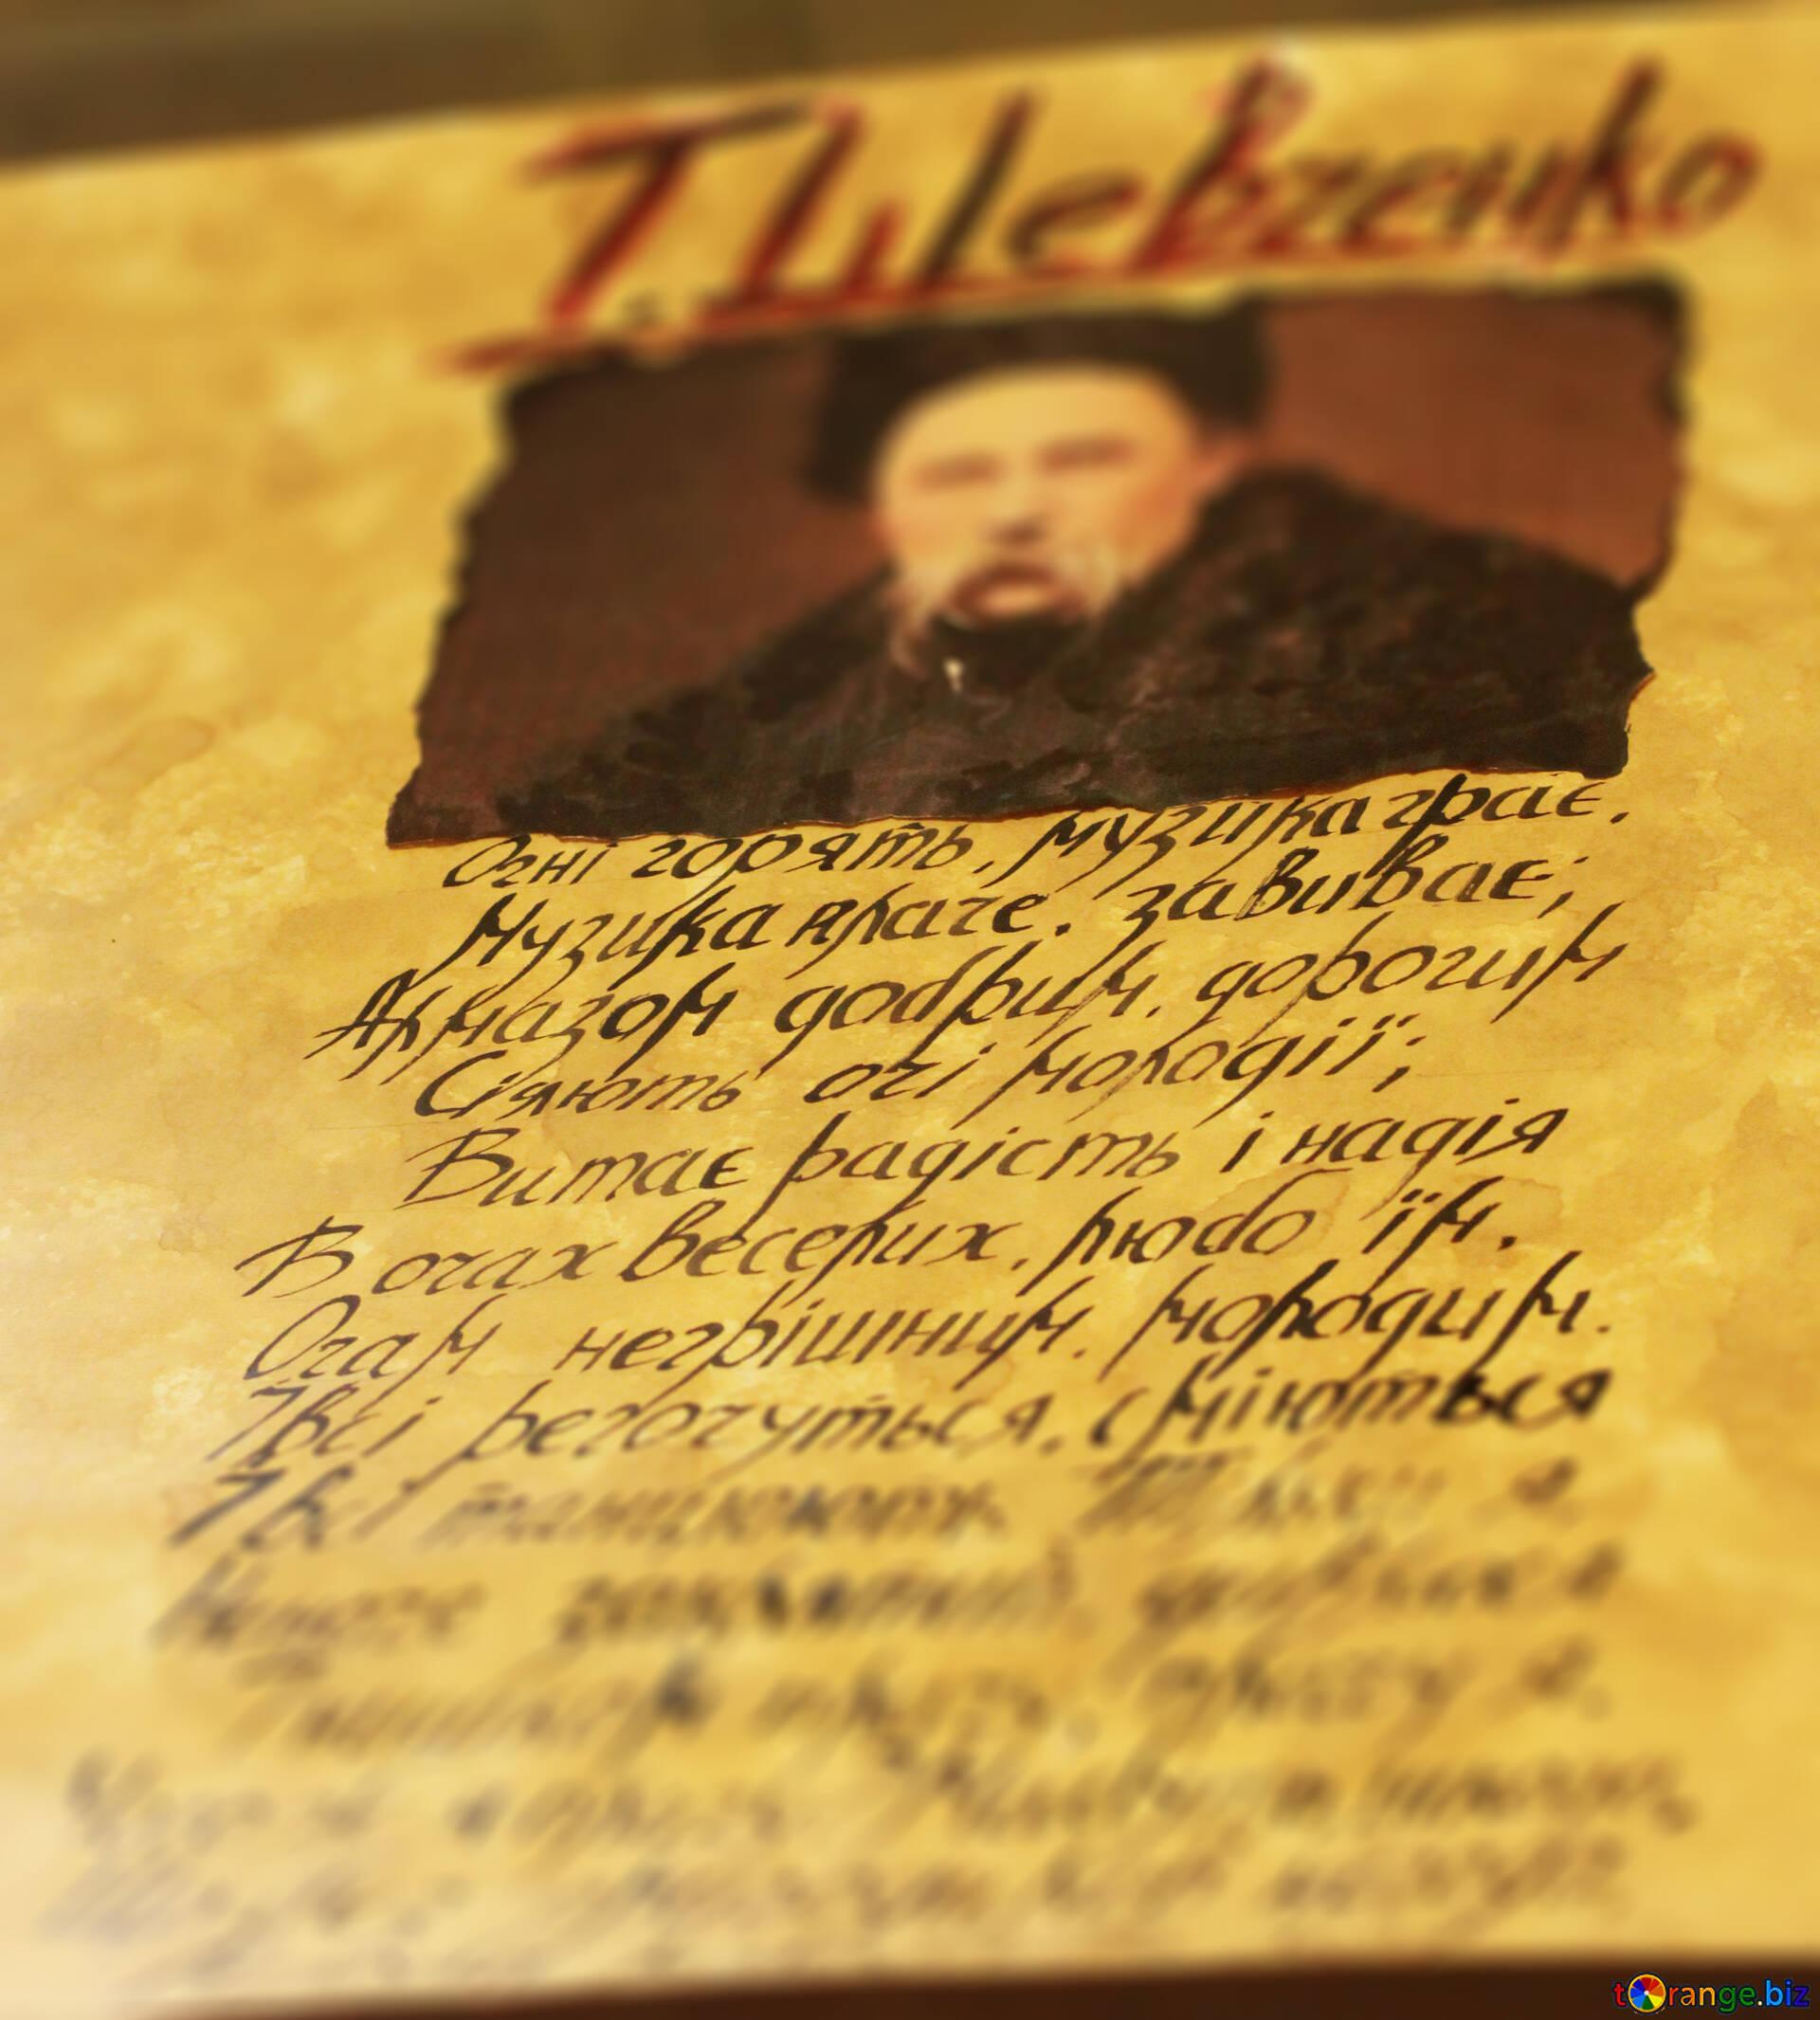 taras shevchenko poems in ukrainian